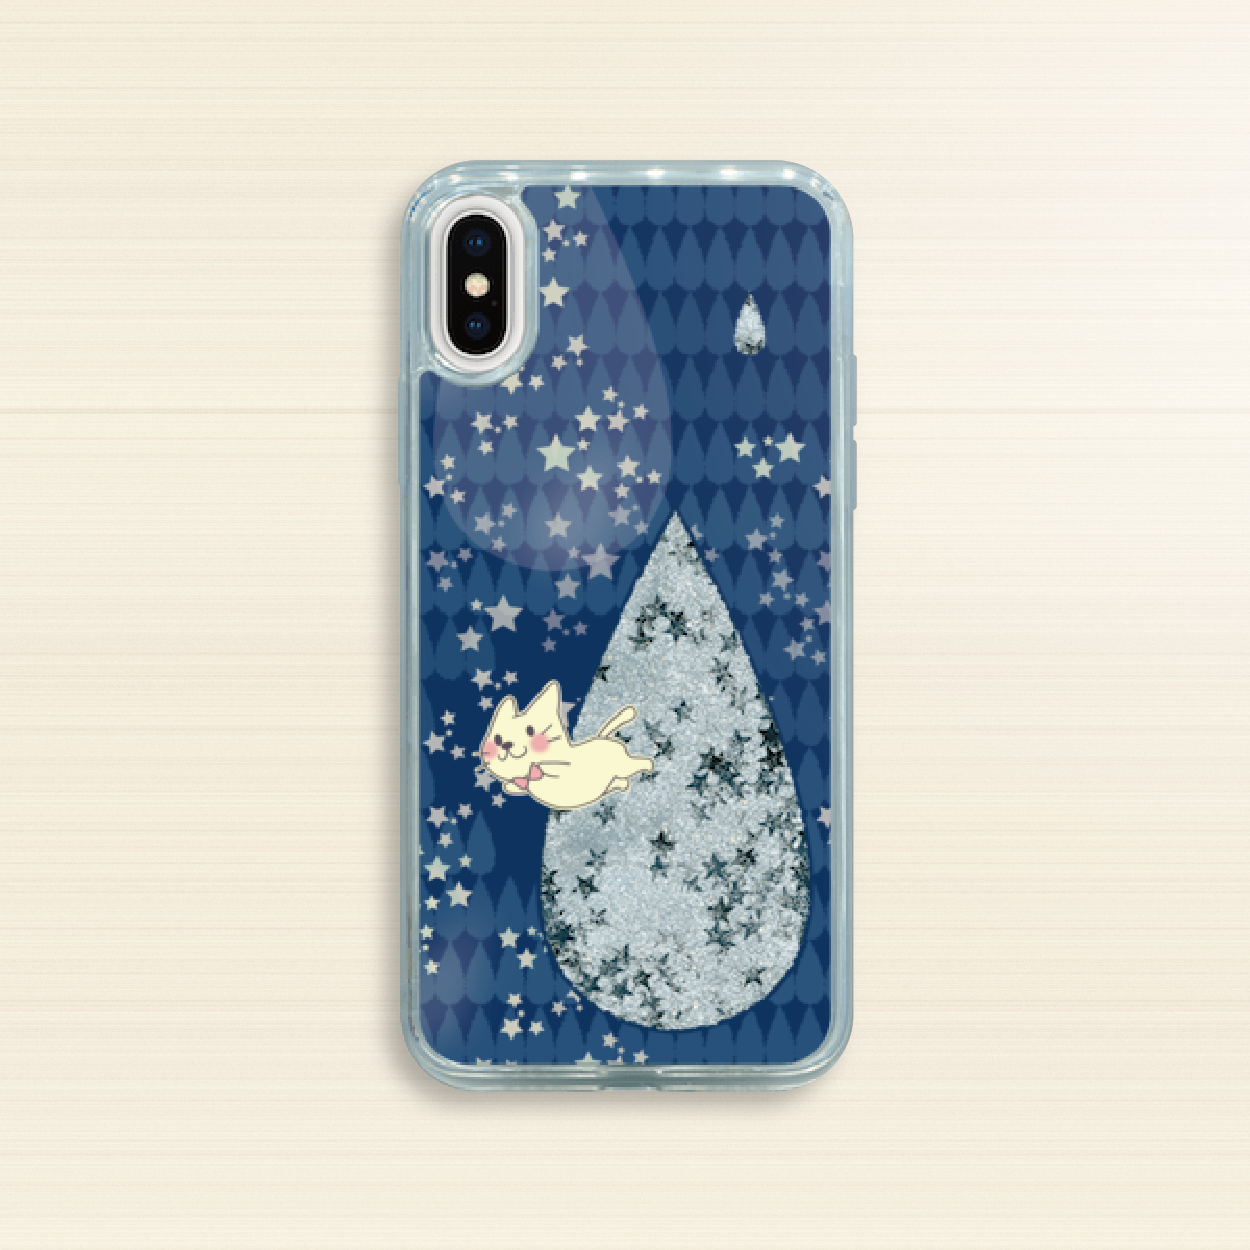 iPhone X/XS/6/6s/7/8*グリッターケース*19-12AGSo*月光雨のねこ*シルバースター